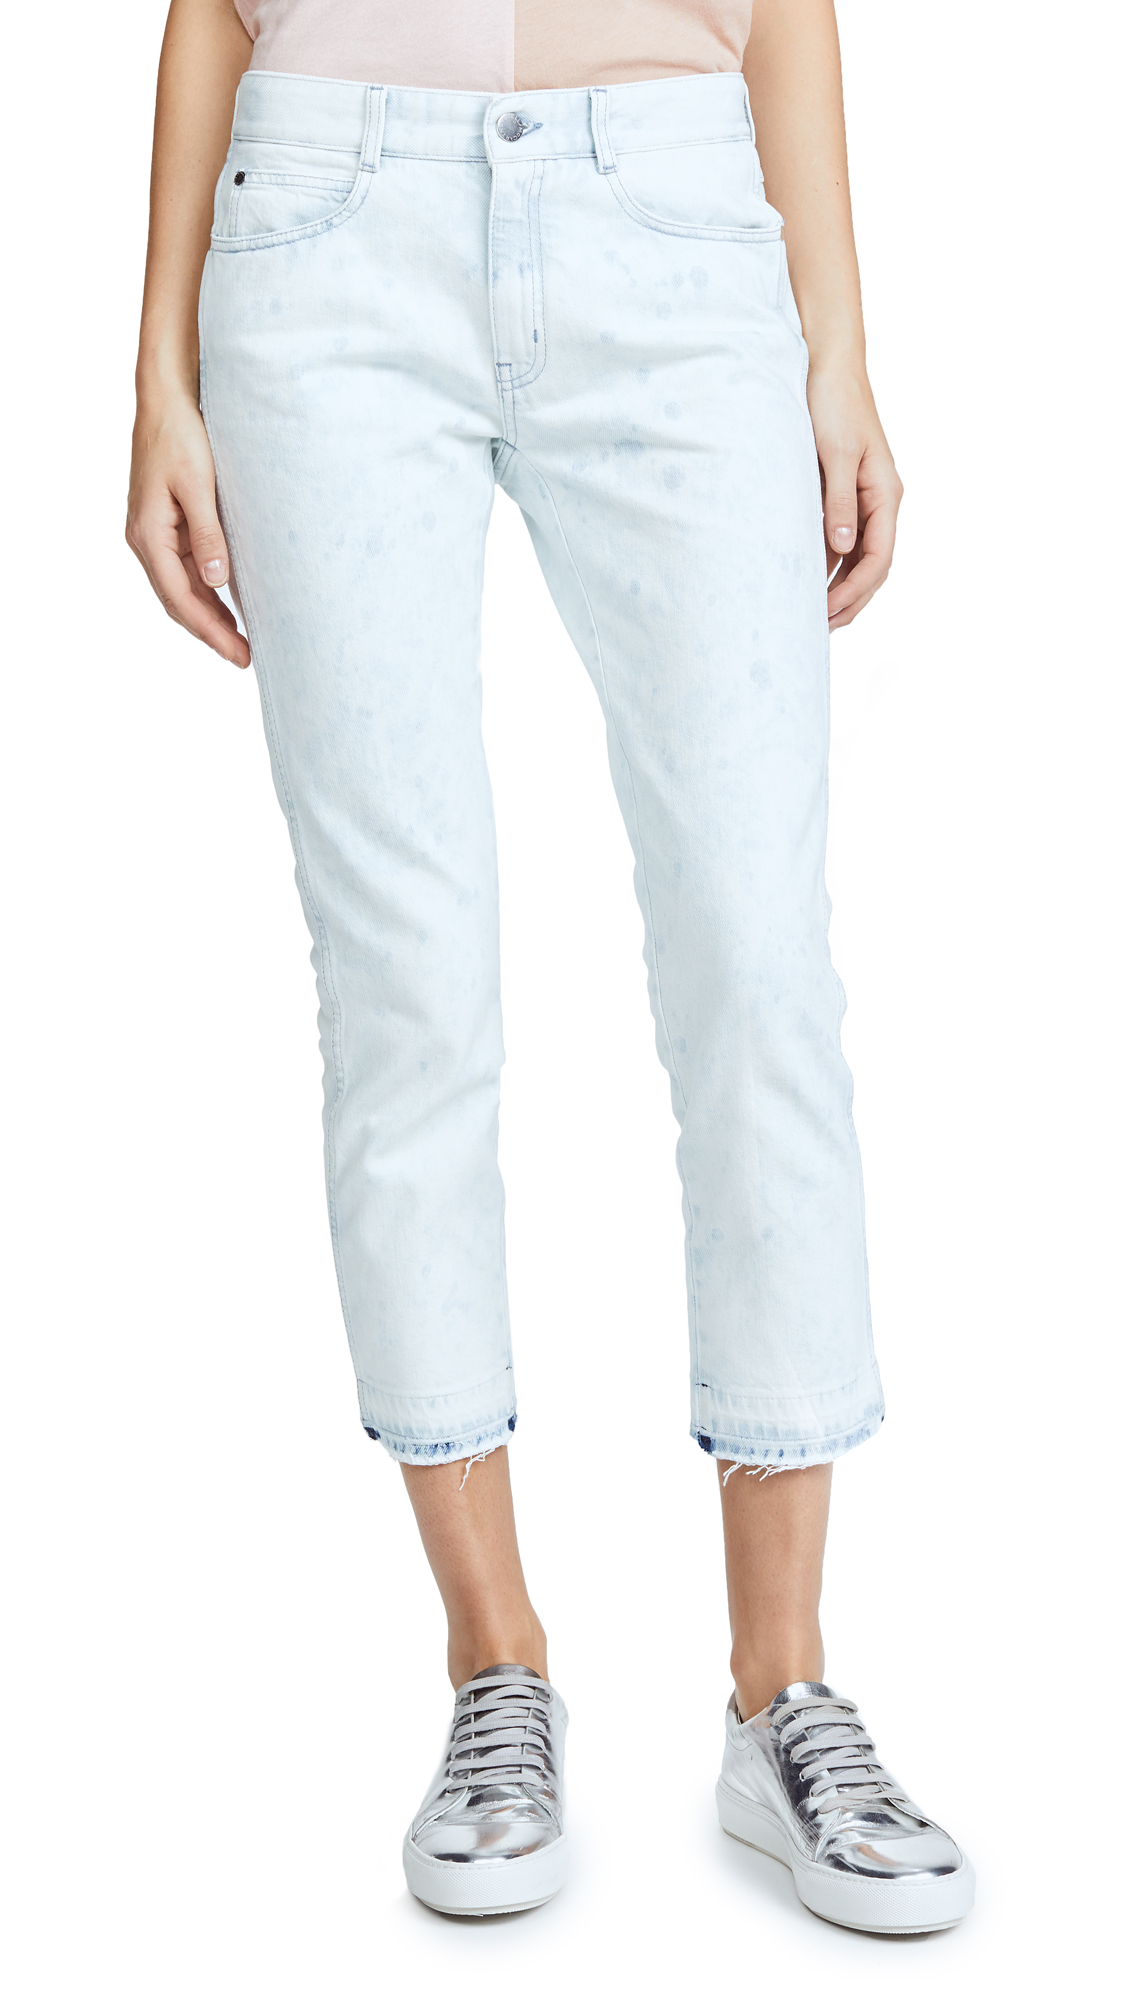 Stella McCartney Skinny Boyfriend Jeans - Blu Jeans